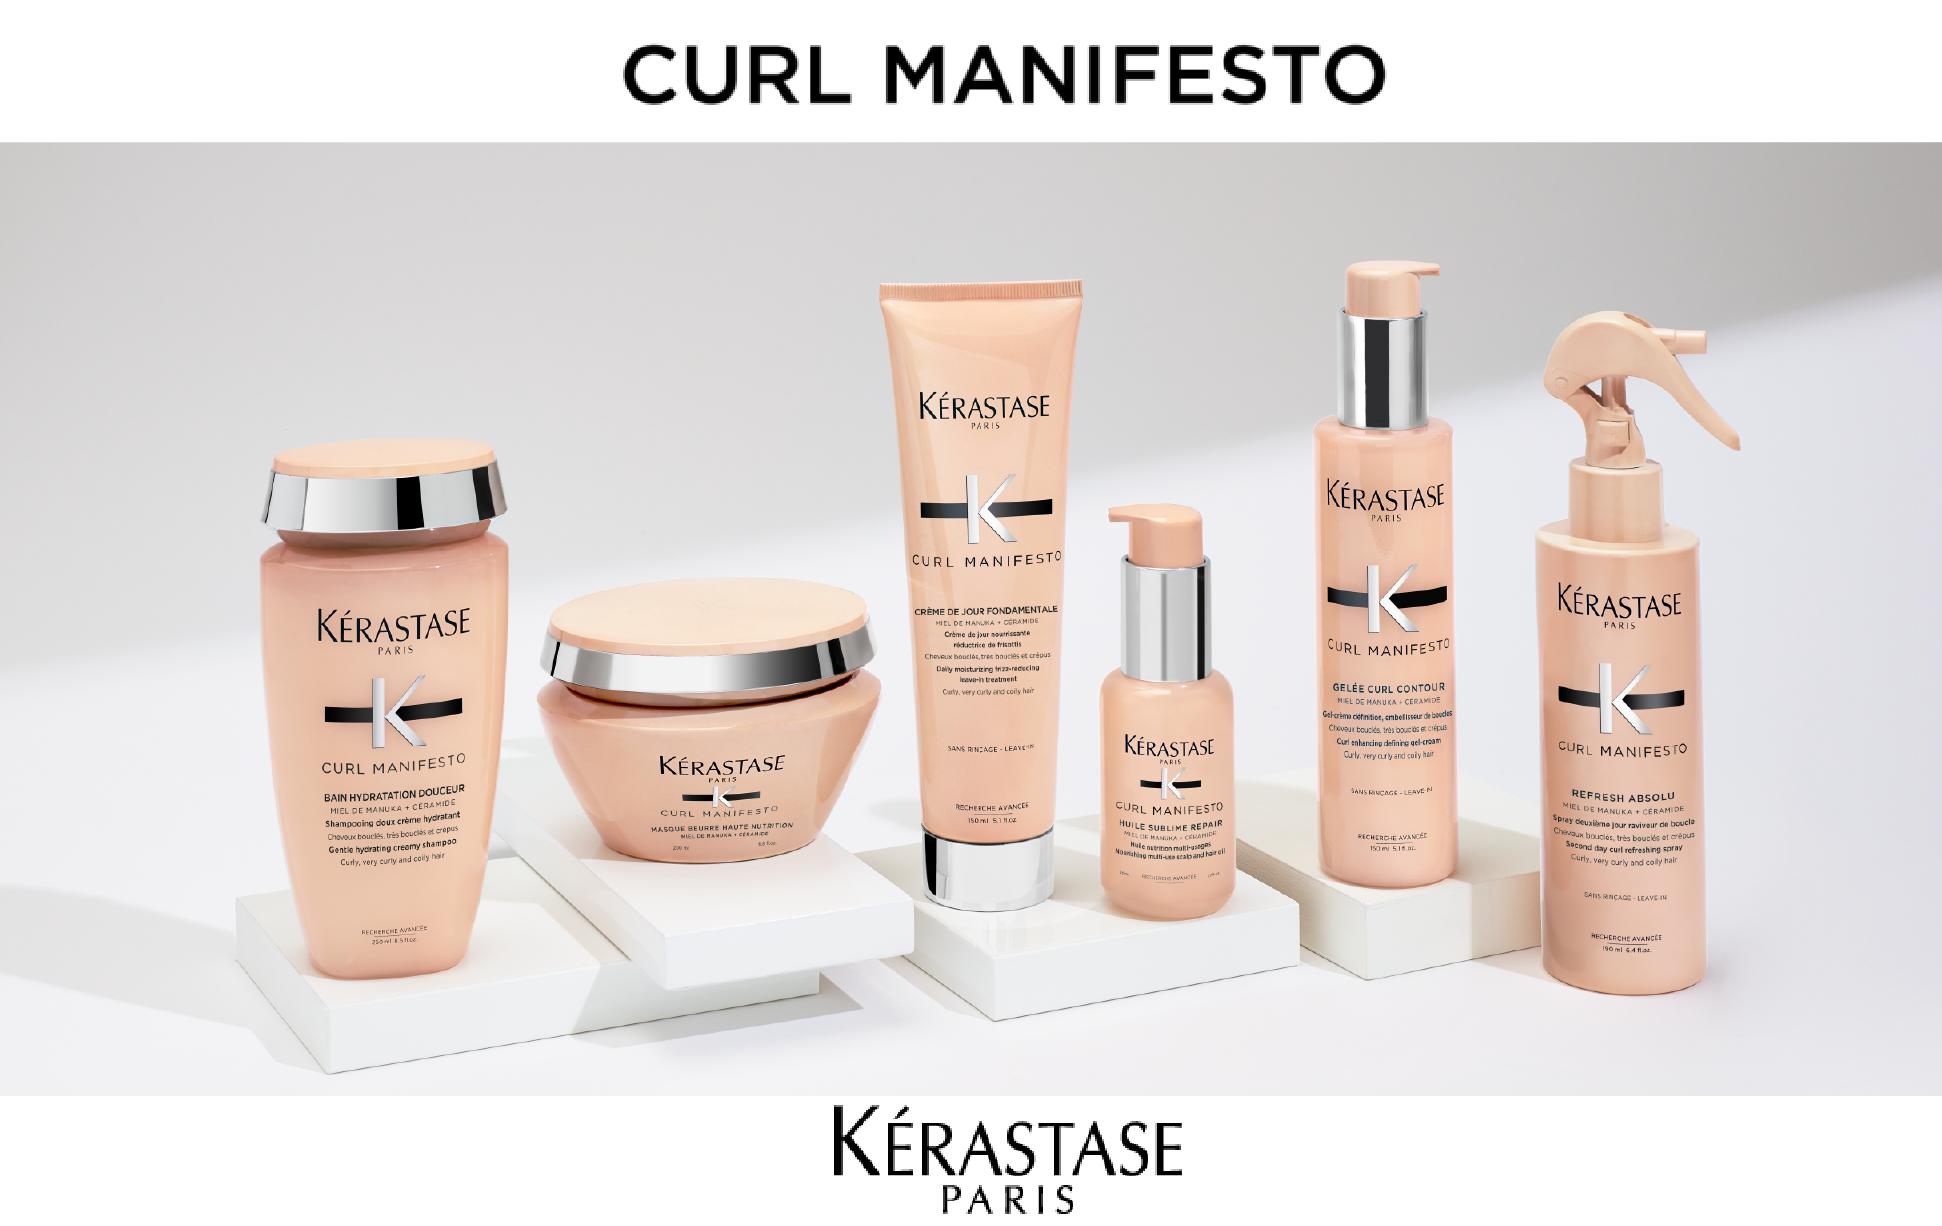 Curl_Manifesto_keratase